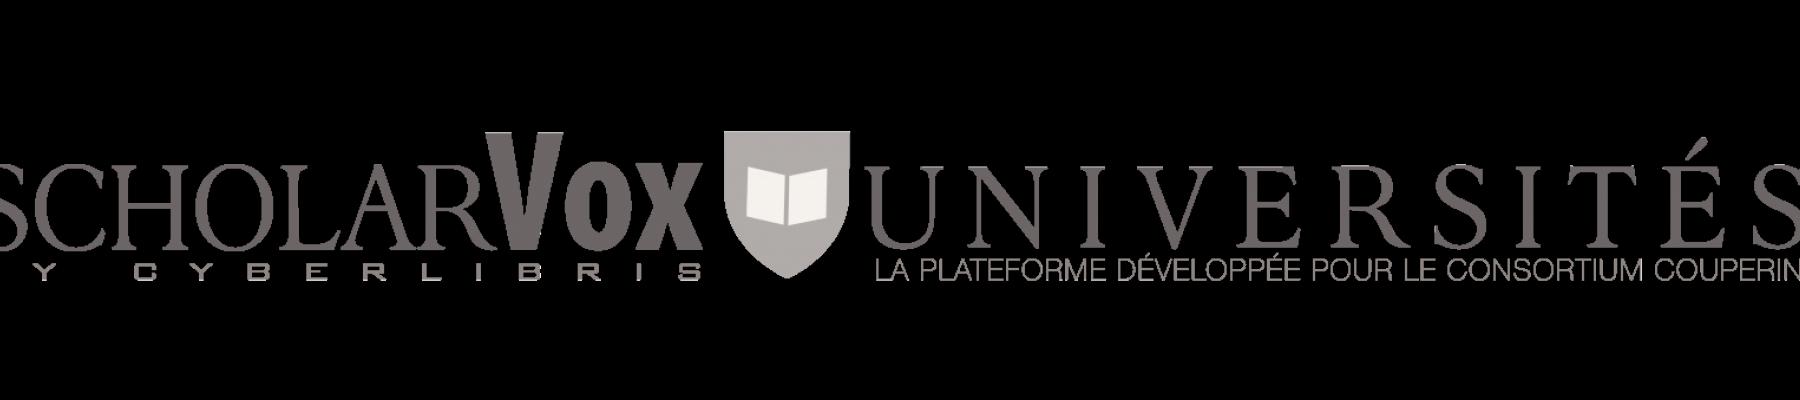 Ressources Documentaires ScholarVox-Cyberlibris